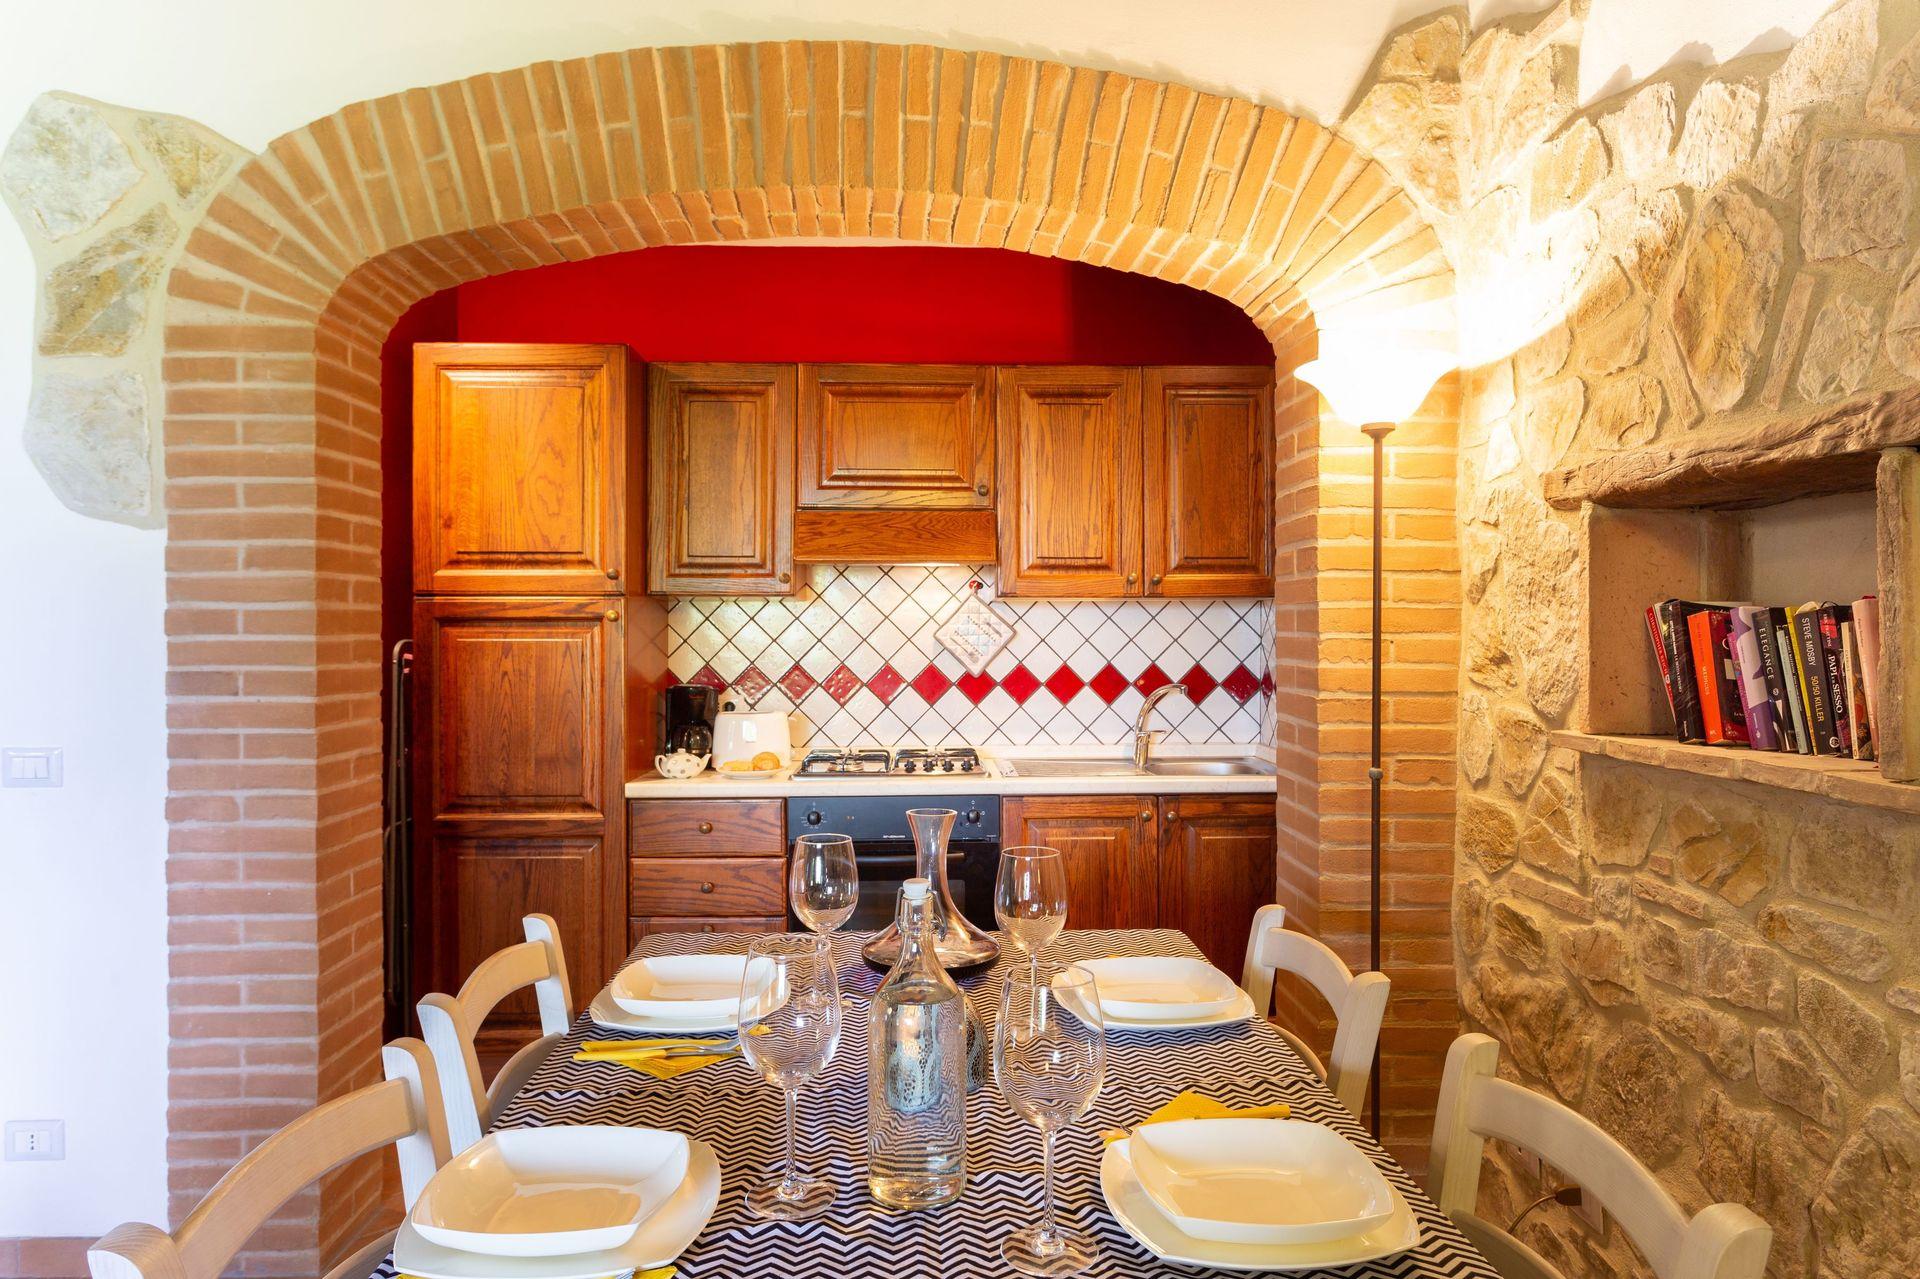 Coccinelle Posti Letto 6 In 2 Camere Casa Vacanza A Testa Di Lepre Umbria Italia